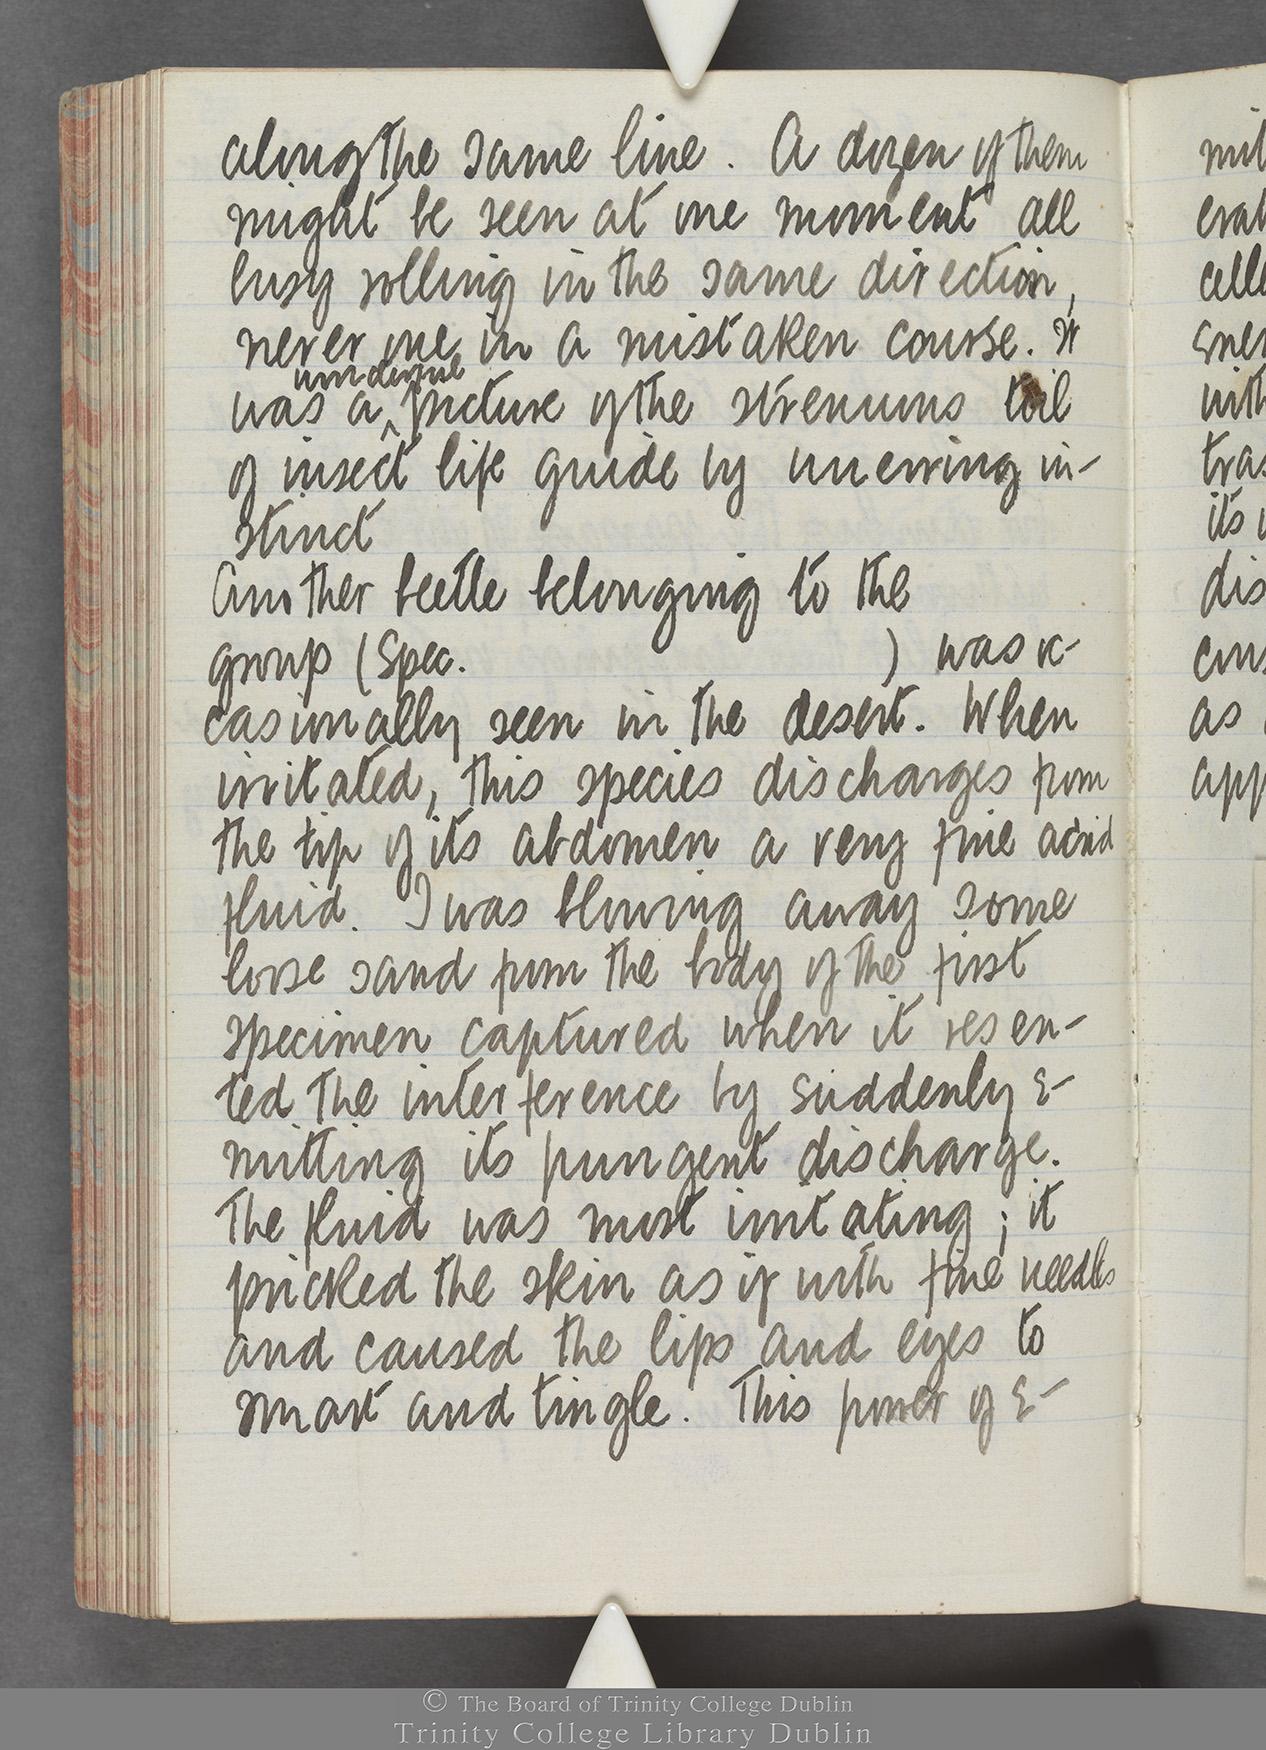 TCD MS 10515 folio 95 verso